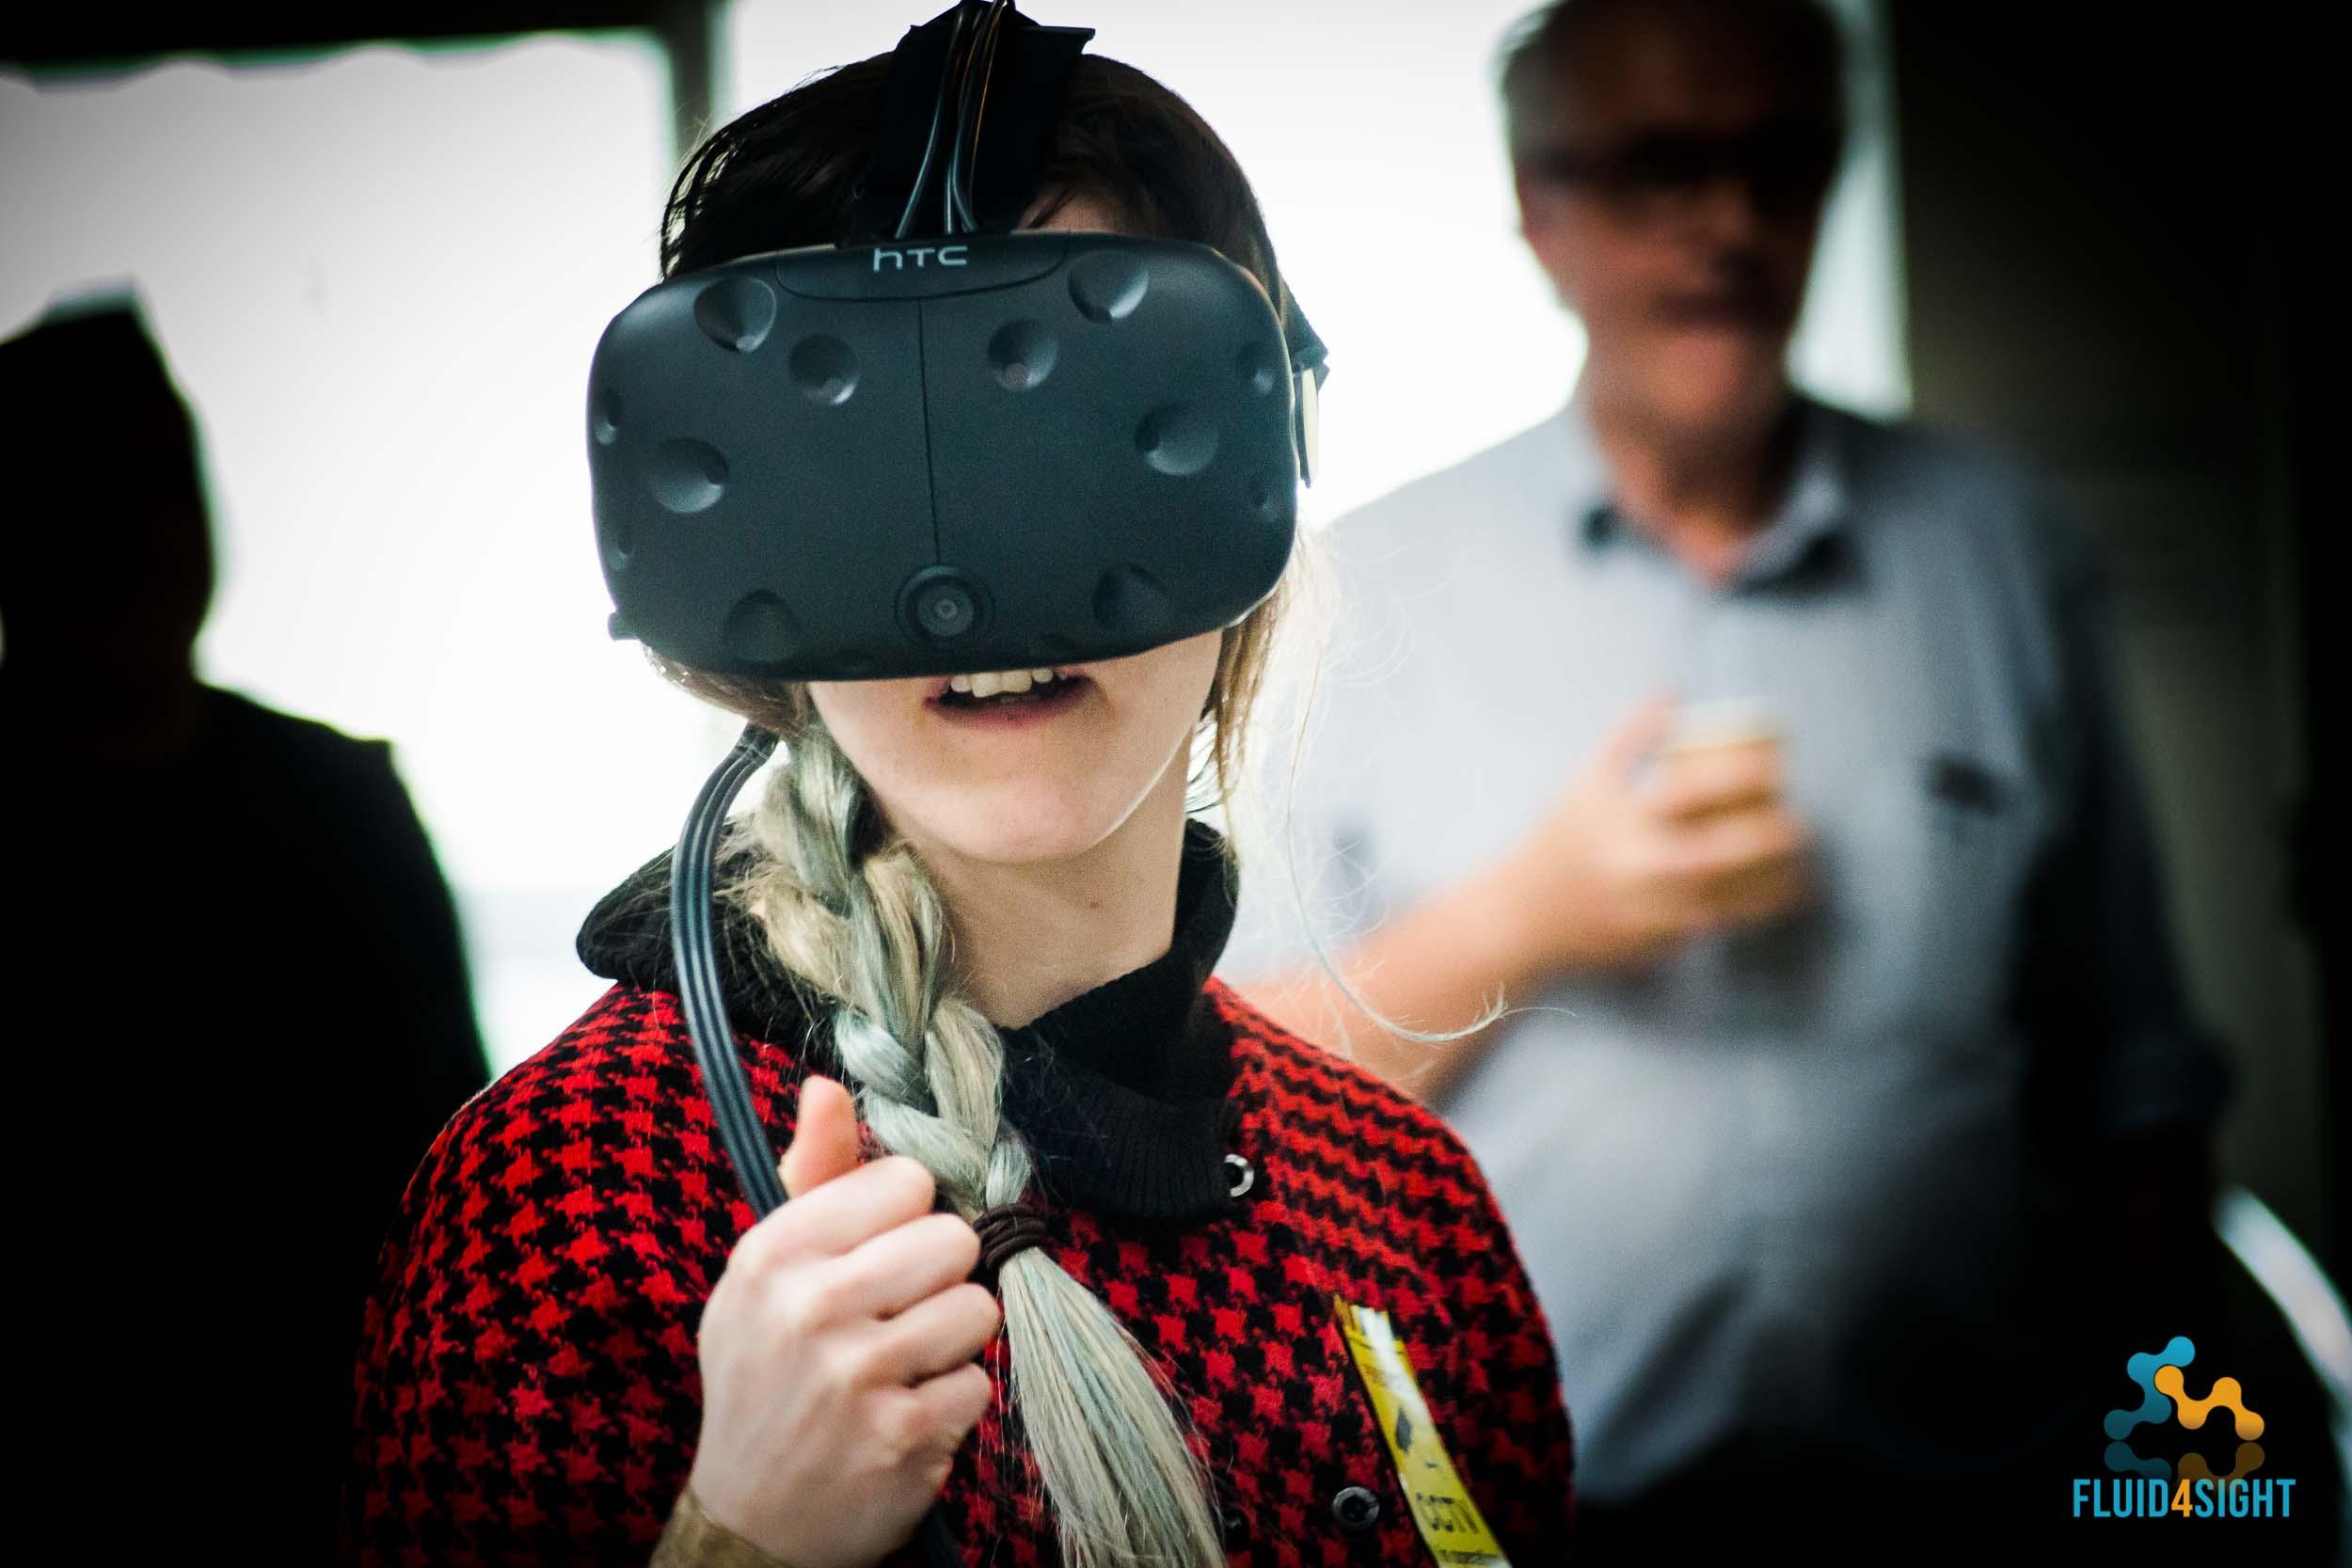 hackstock VR girl